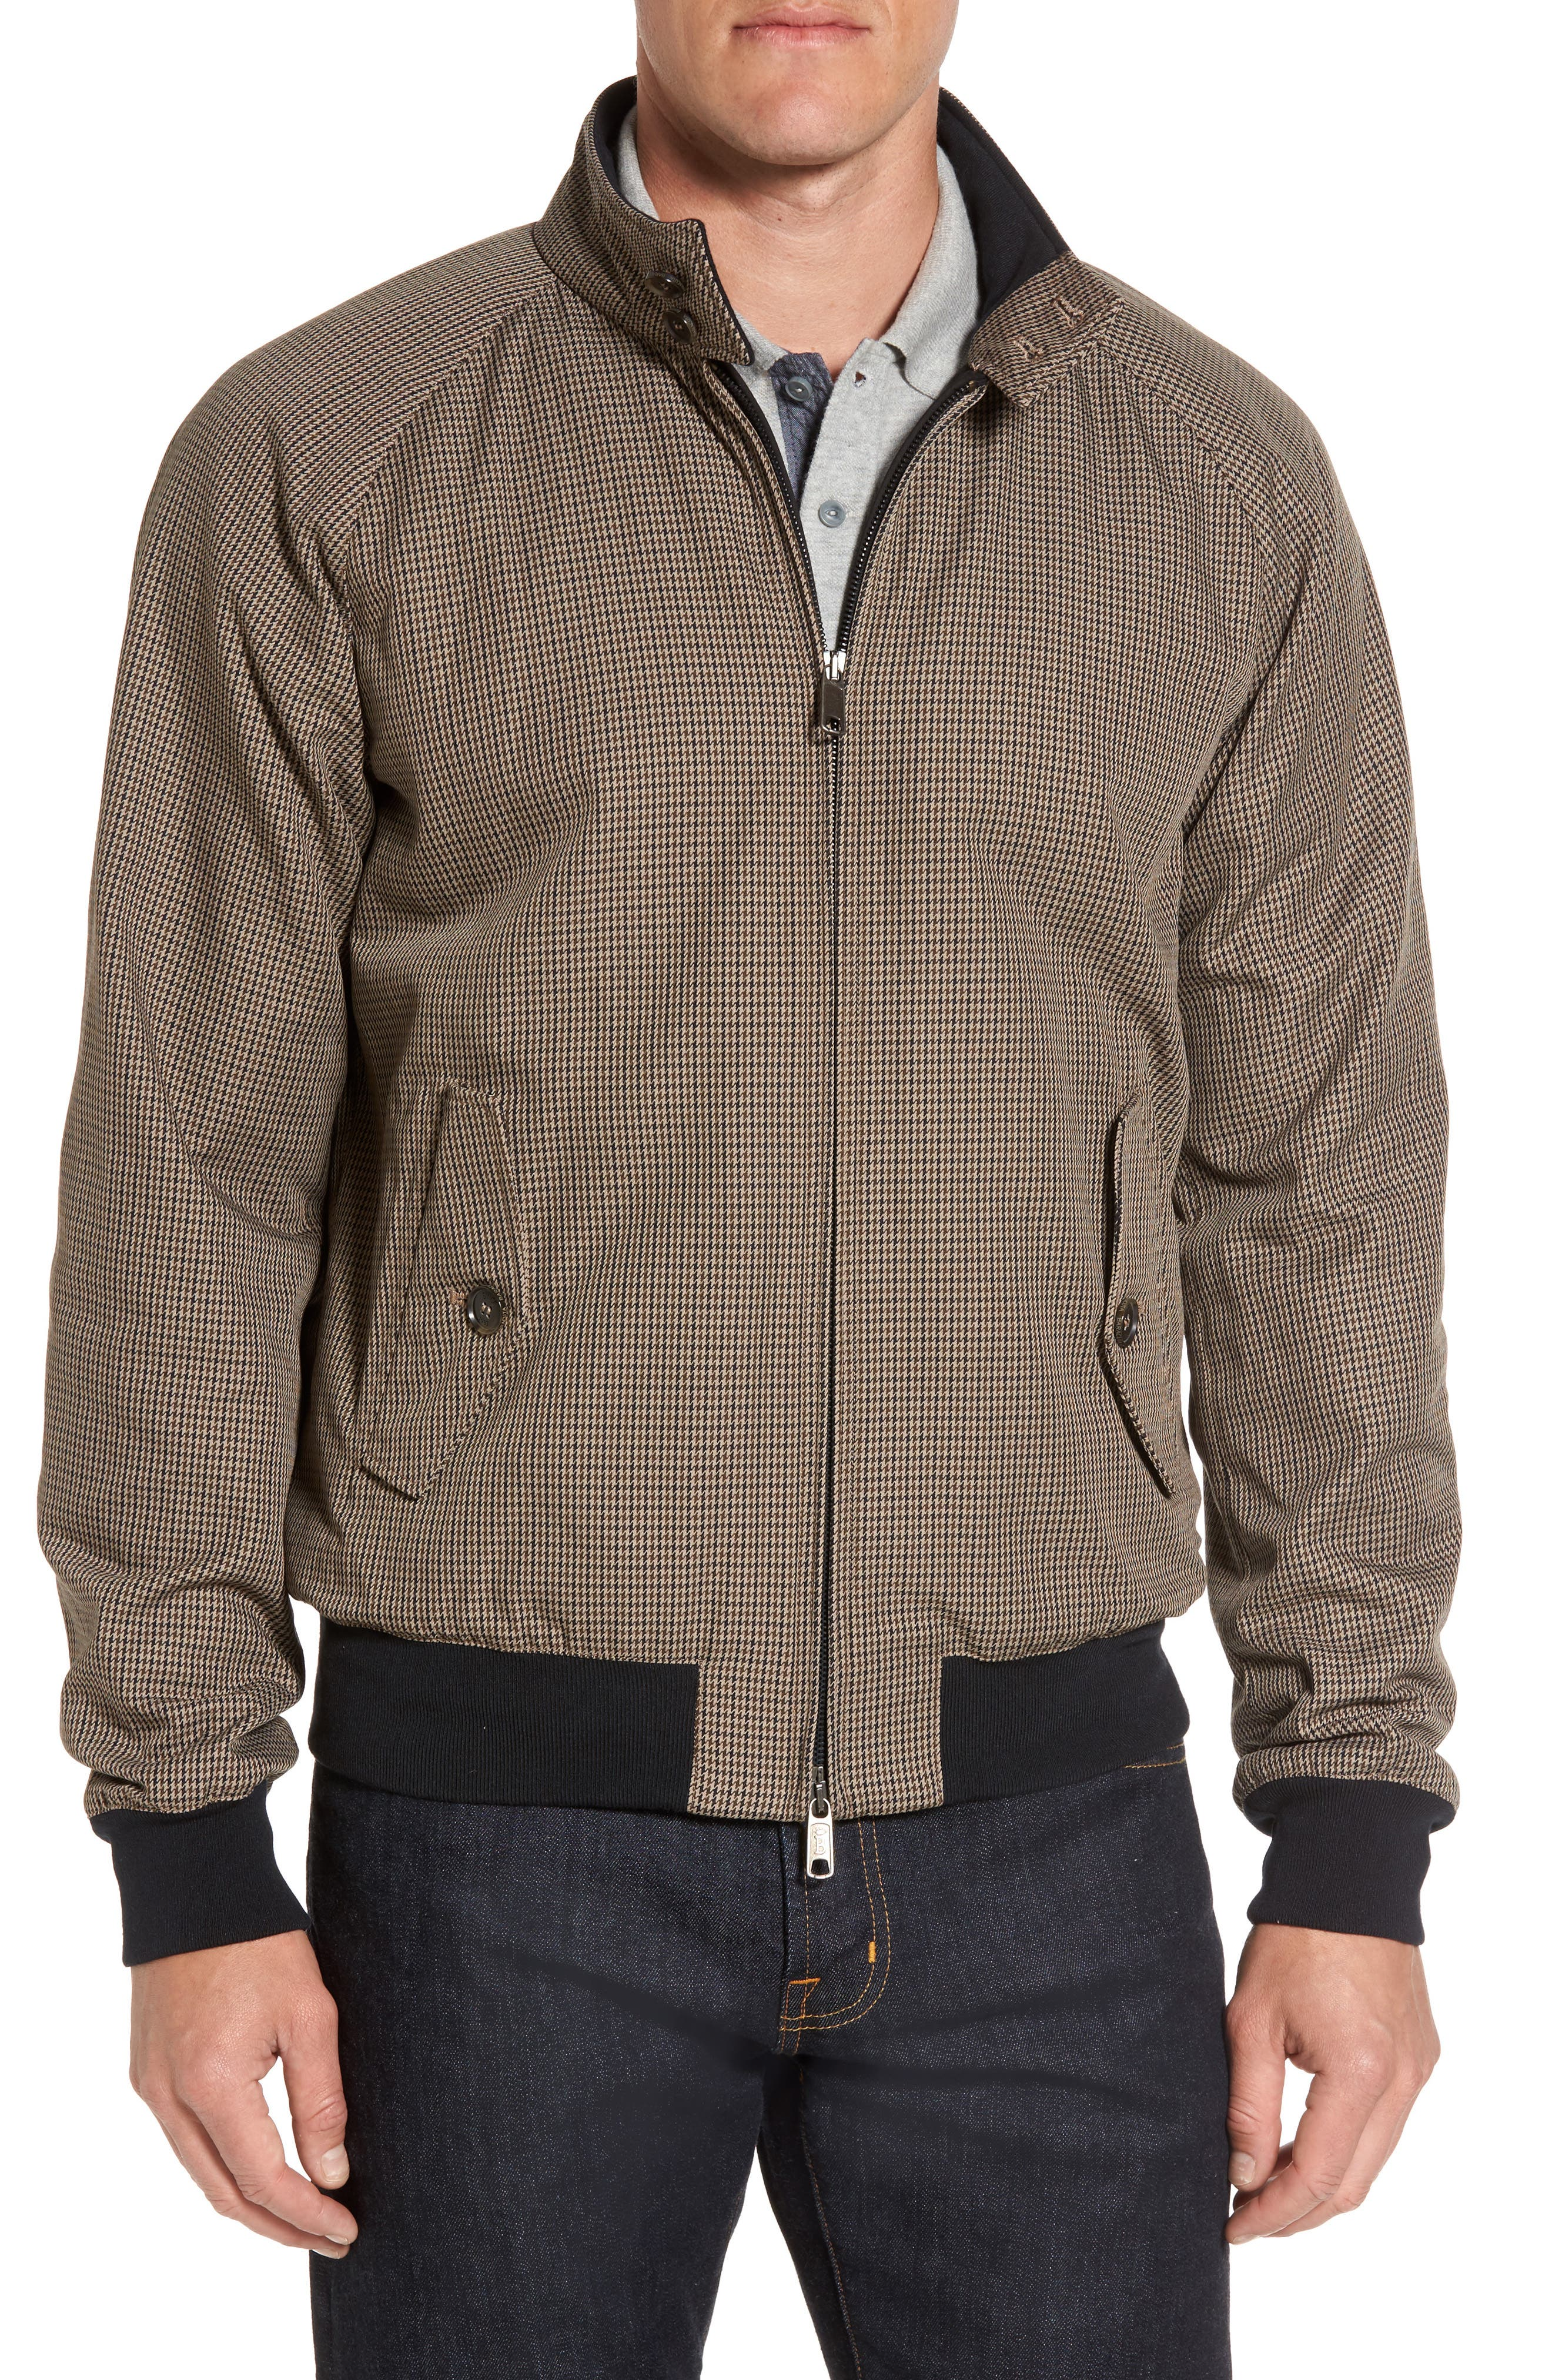 G9 Houndstooth Harrington Jacket,                         Main,                         color, Pied De Poule Tan